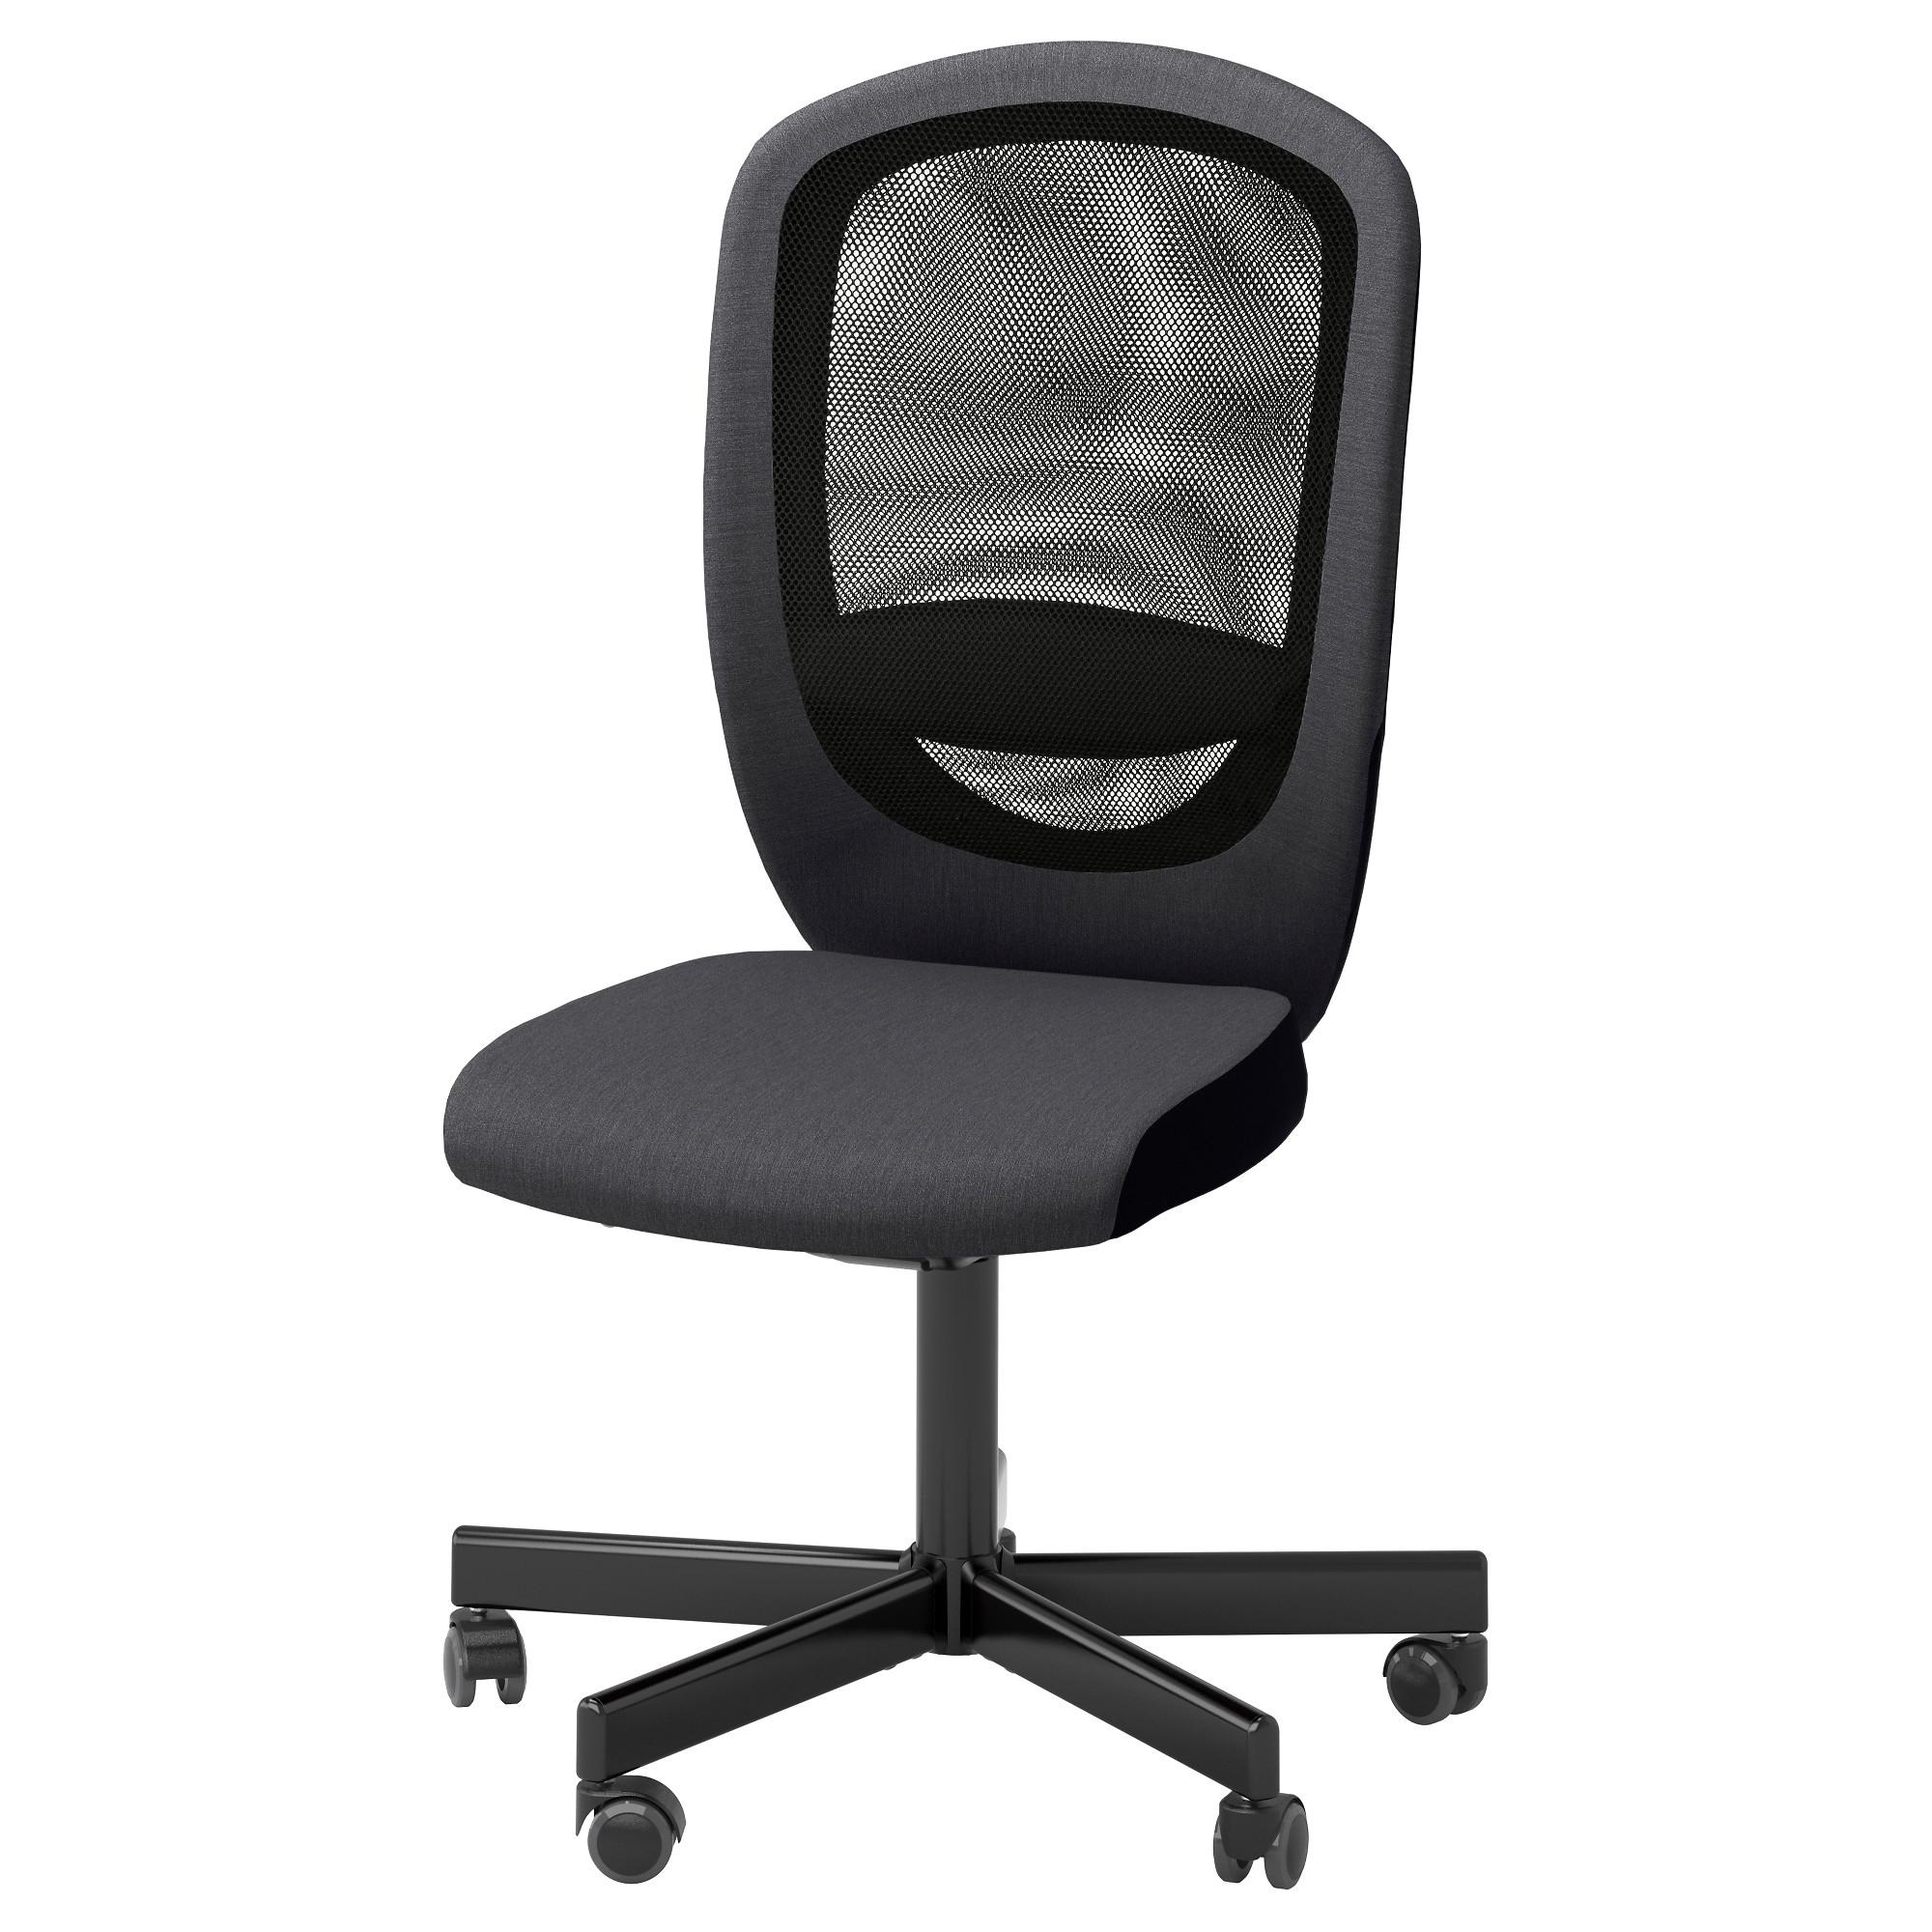 Fine Flintan Ncnpc Chair Design For Home Ncnpcorg